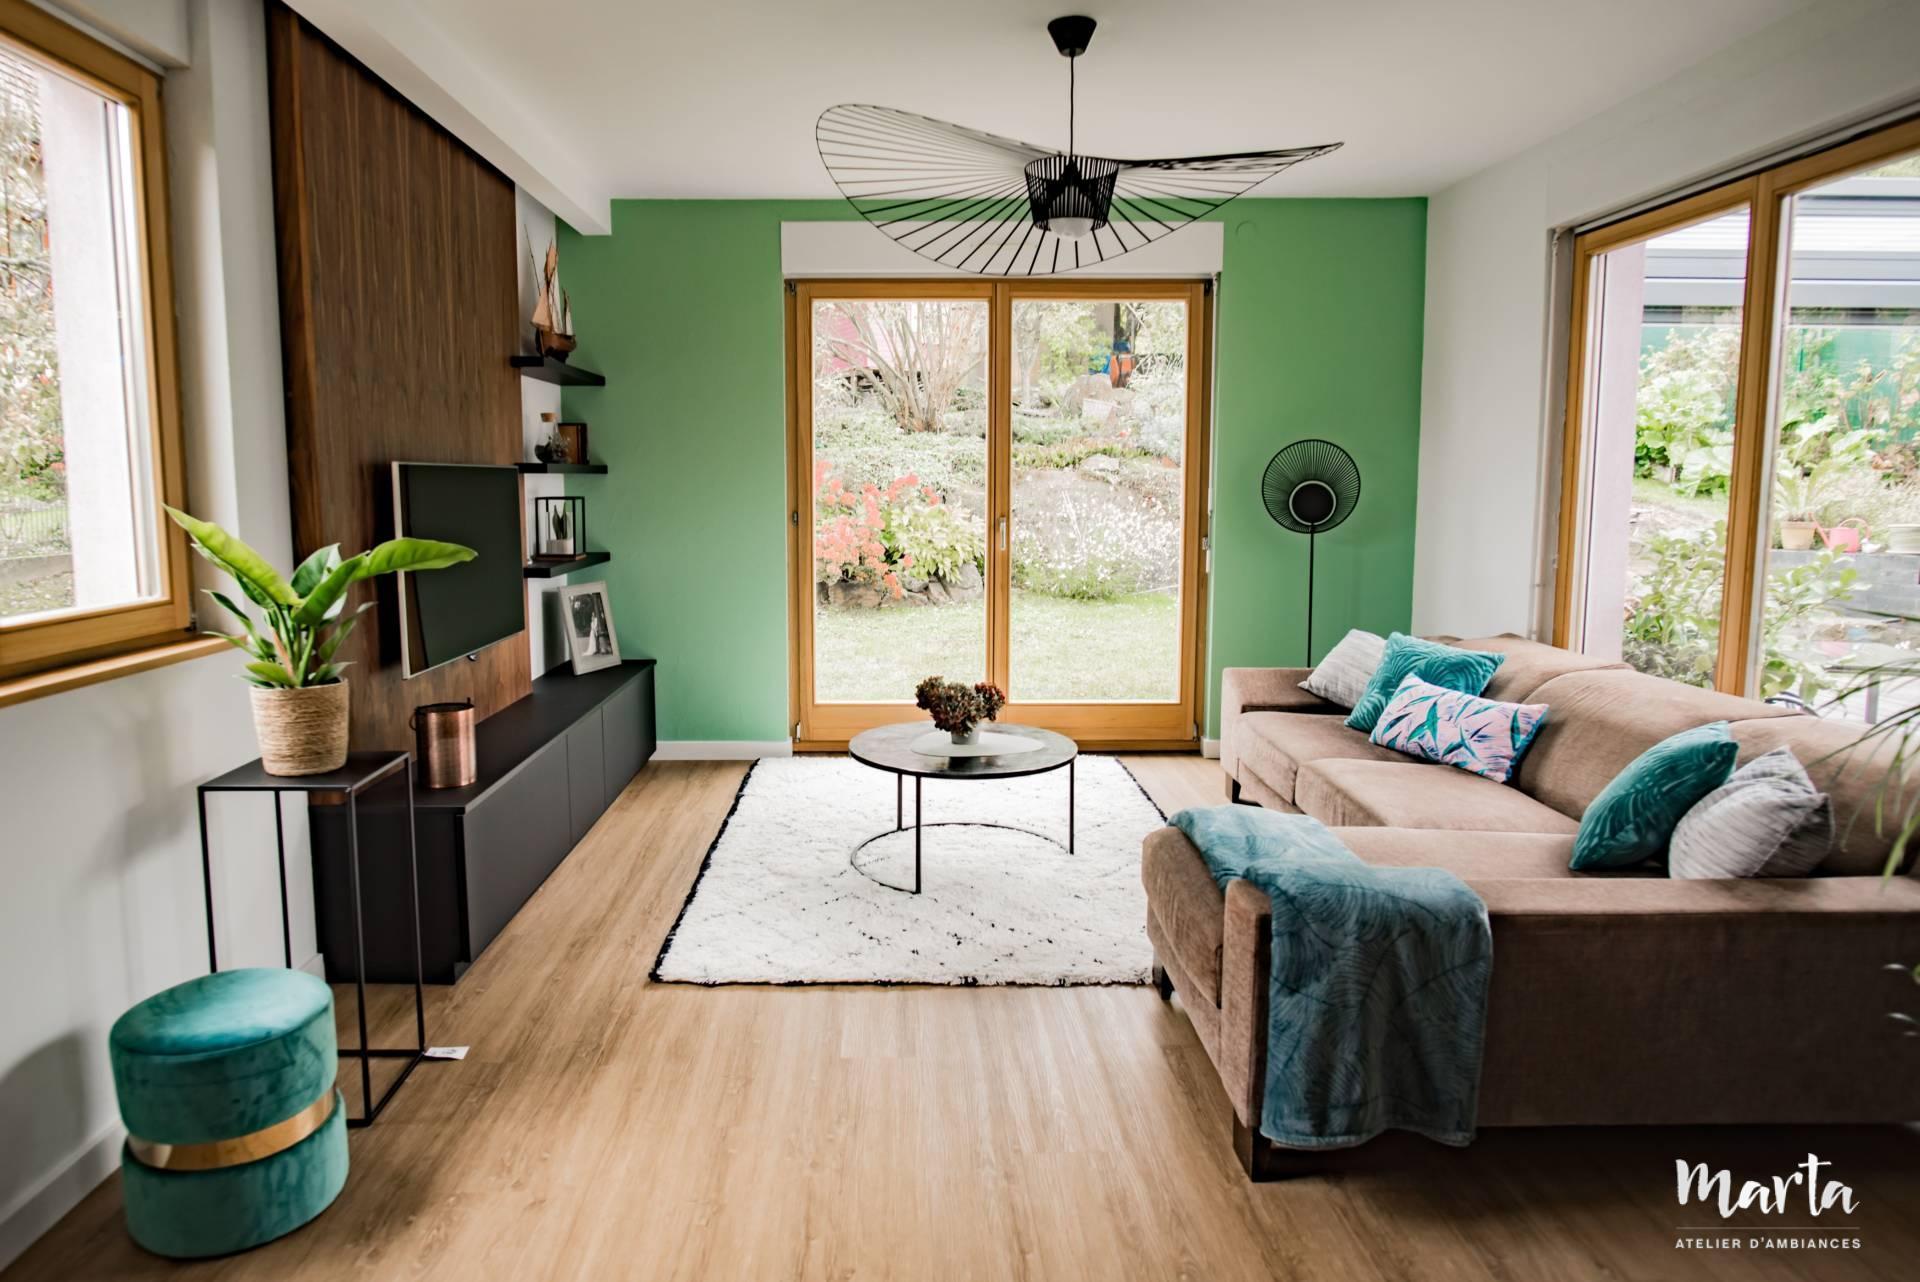 Salon moderne avec du bois et vert, par Marta Atelier d'Ambiances, Architecte d'intérieur à Mulhouse, Alsace